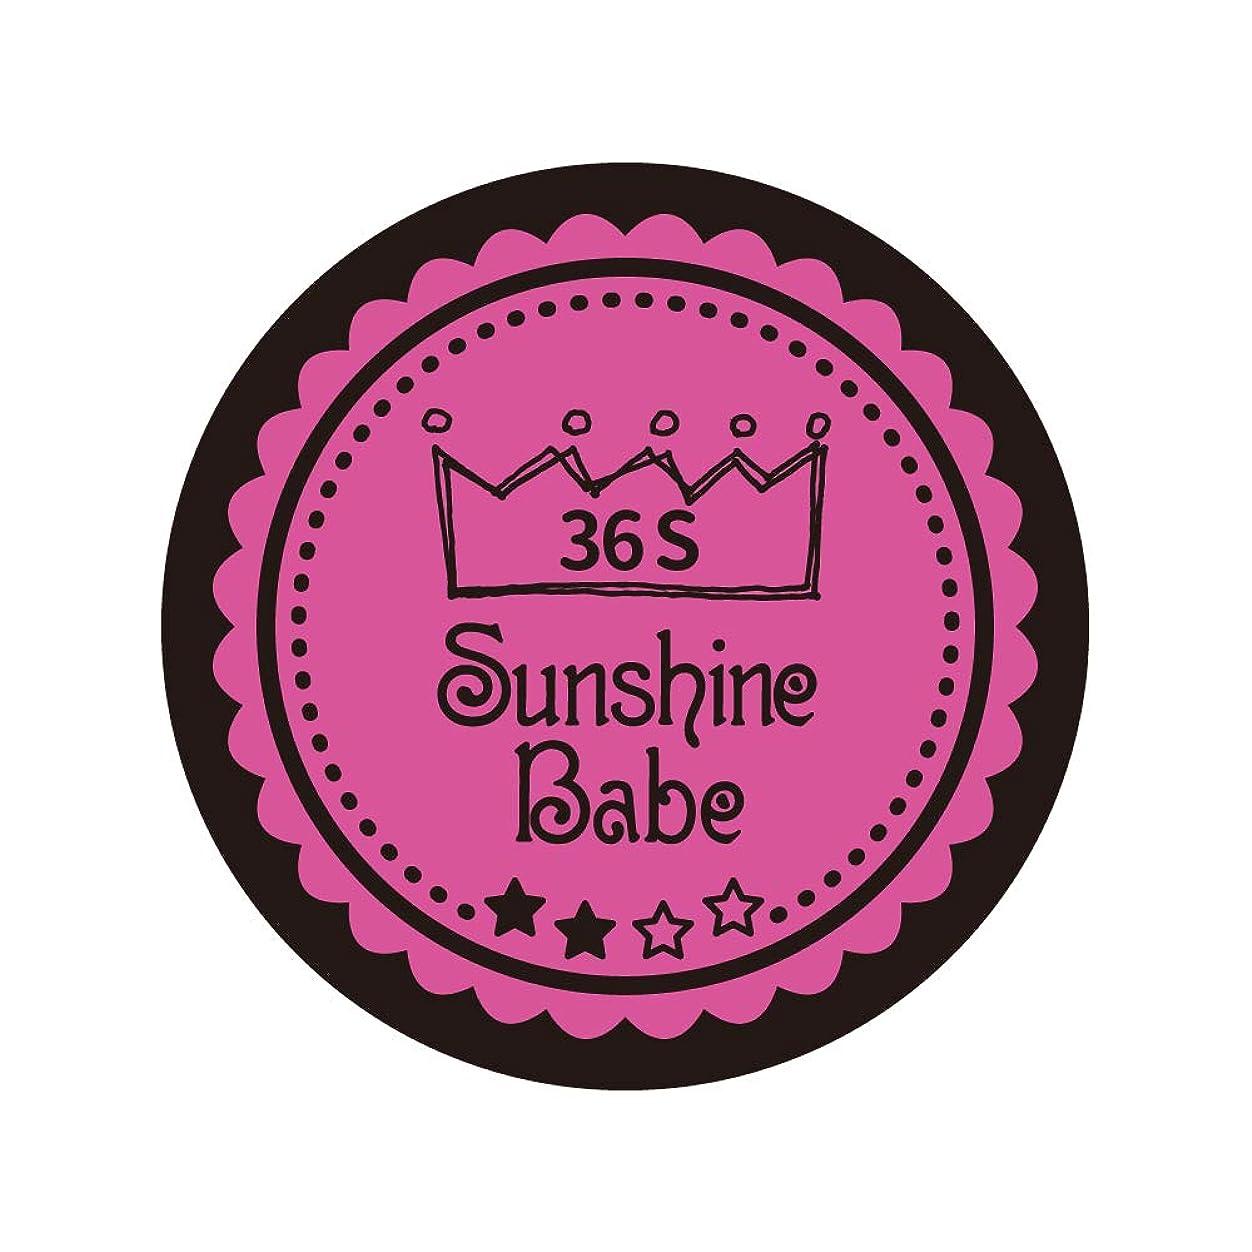 クスコ役職ホースSunshine Babe カラージェル 36S クロッカスピンク 4g UV/LED対応